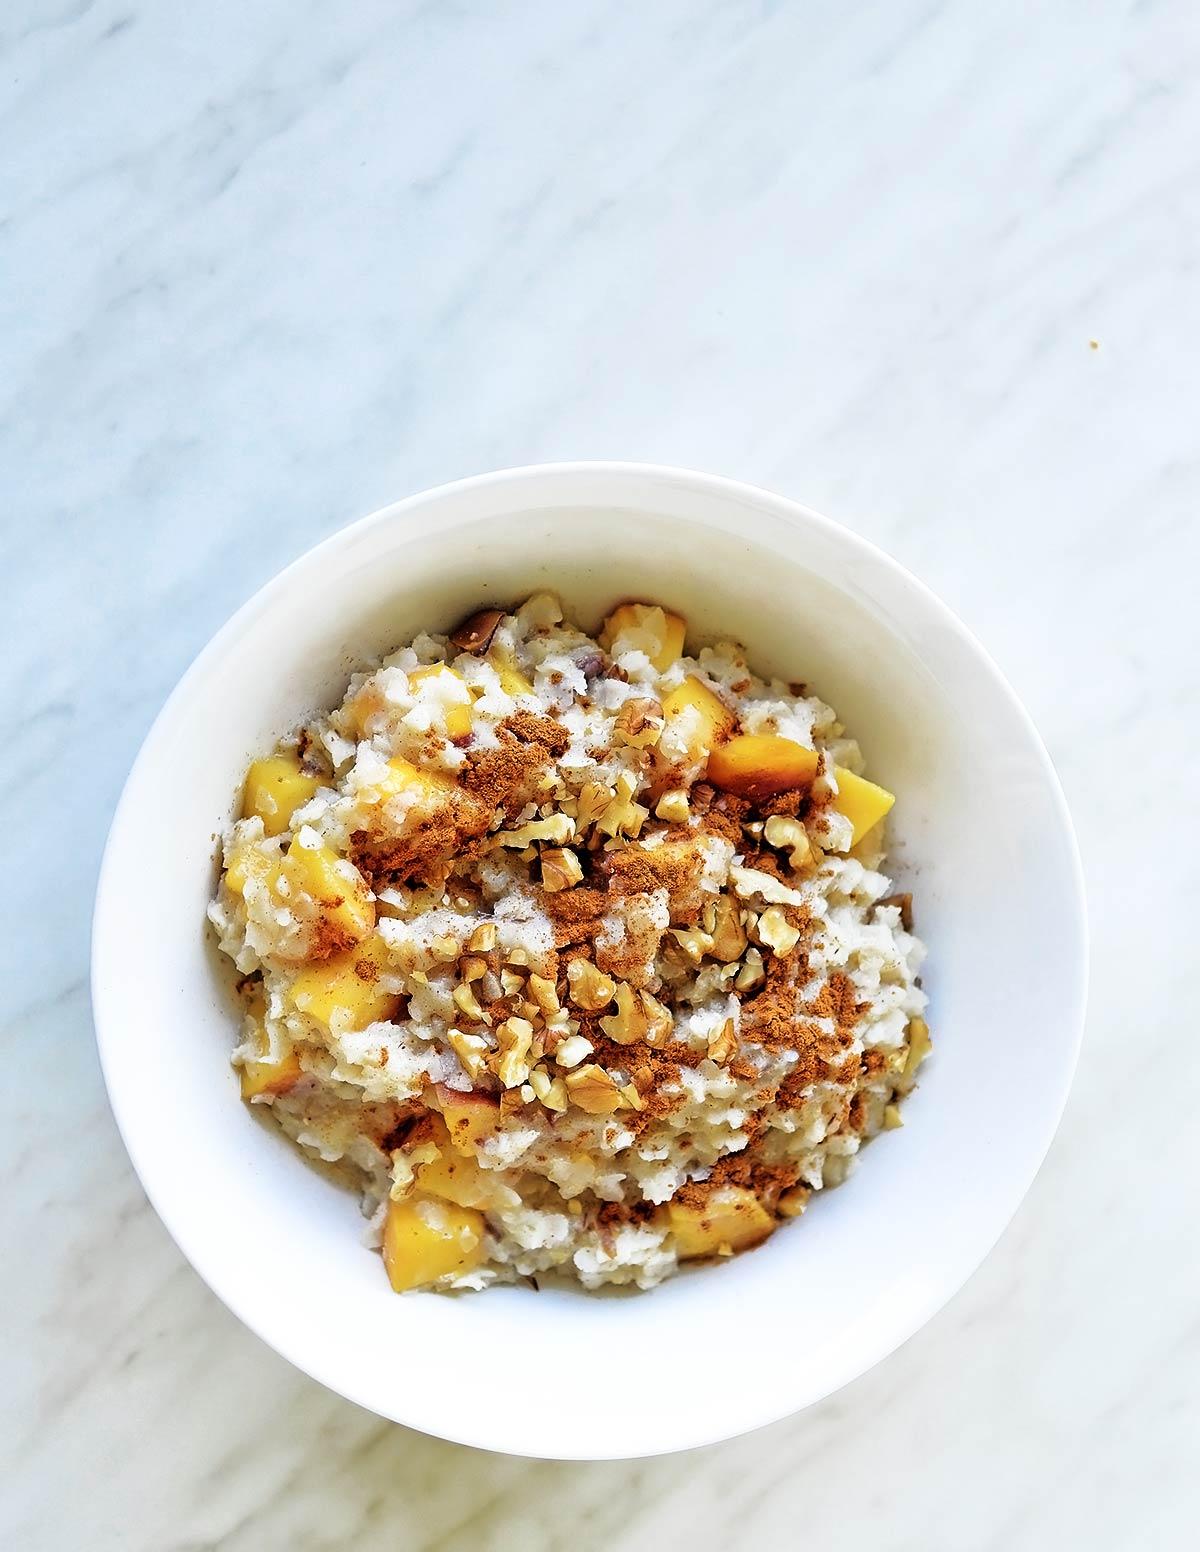 Bol de porridge con fruta y nueces